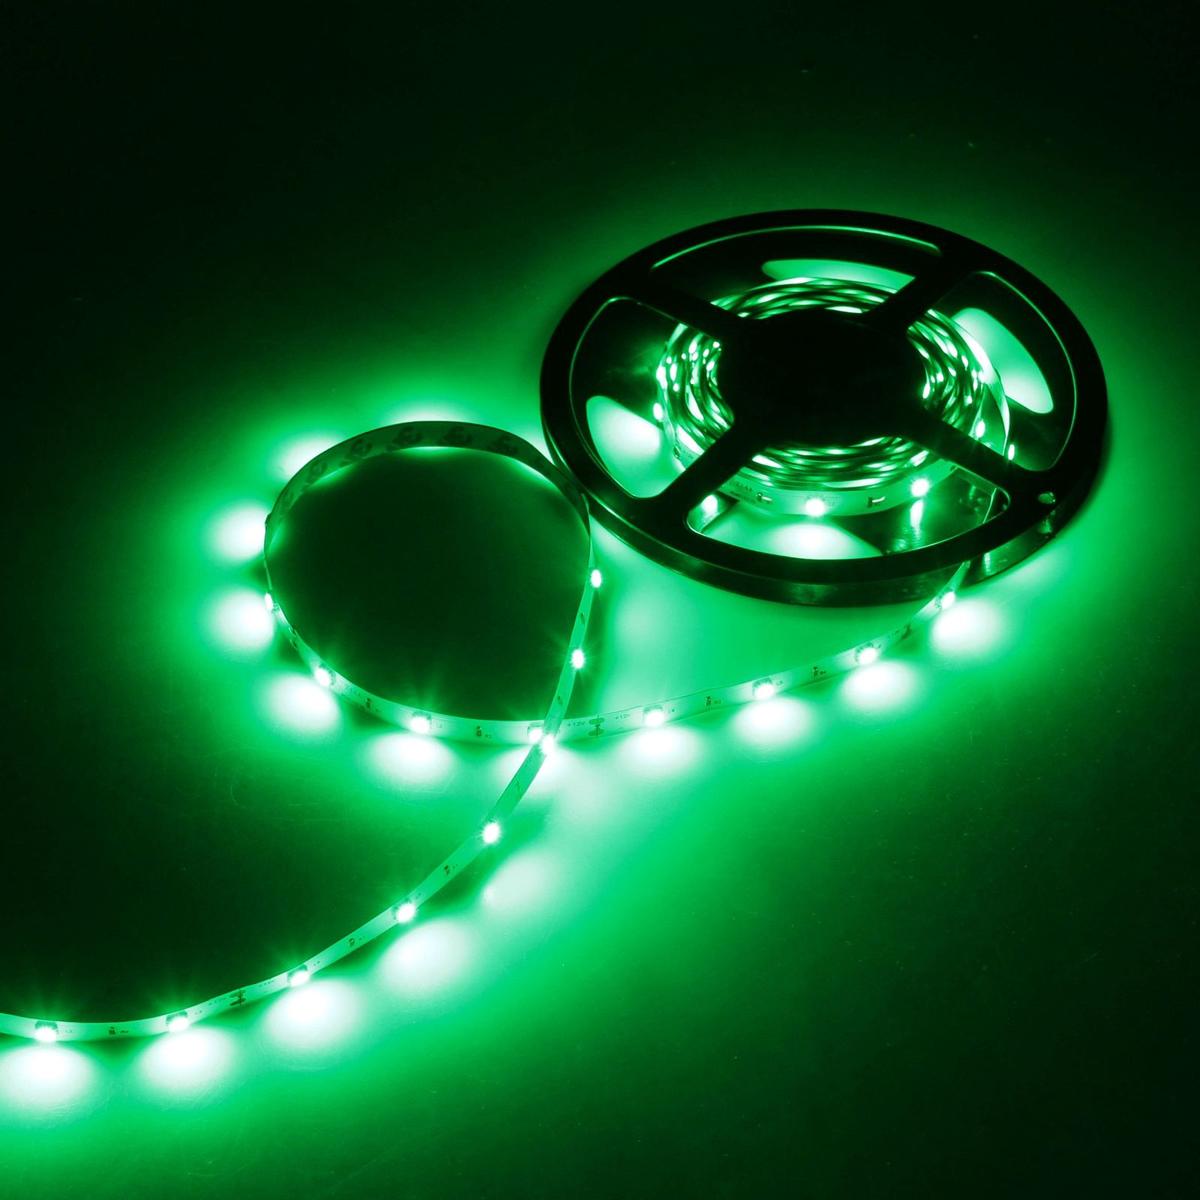 Светодиодная лента Luazon, 12В, SMD5050, длина 5 м, IP33, 30 LED ламп, 7.2 Вт/м, 14-16 Лм/1 LED, DC, цвет: зеленый883918Светодиодные гирлянды, ленты и т.д — это отличный вариант для новогоднего оформления интерьера или фасада. С их помощью помещение любого размера можно превратить в праздничный зал, а внешние элементы зданий, украшенные ими, мгновенно станут напоминать очертания сказочного дворца. Такие украшения создают ауру предвкушения чуда. Деревья, фасады, витрины, окна и арки будто специально созданы, чтобы вы украсили их светящимися нитями.